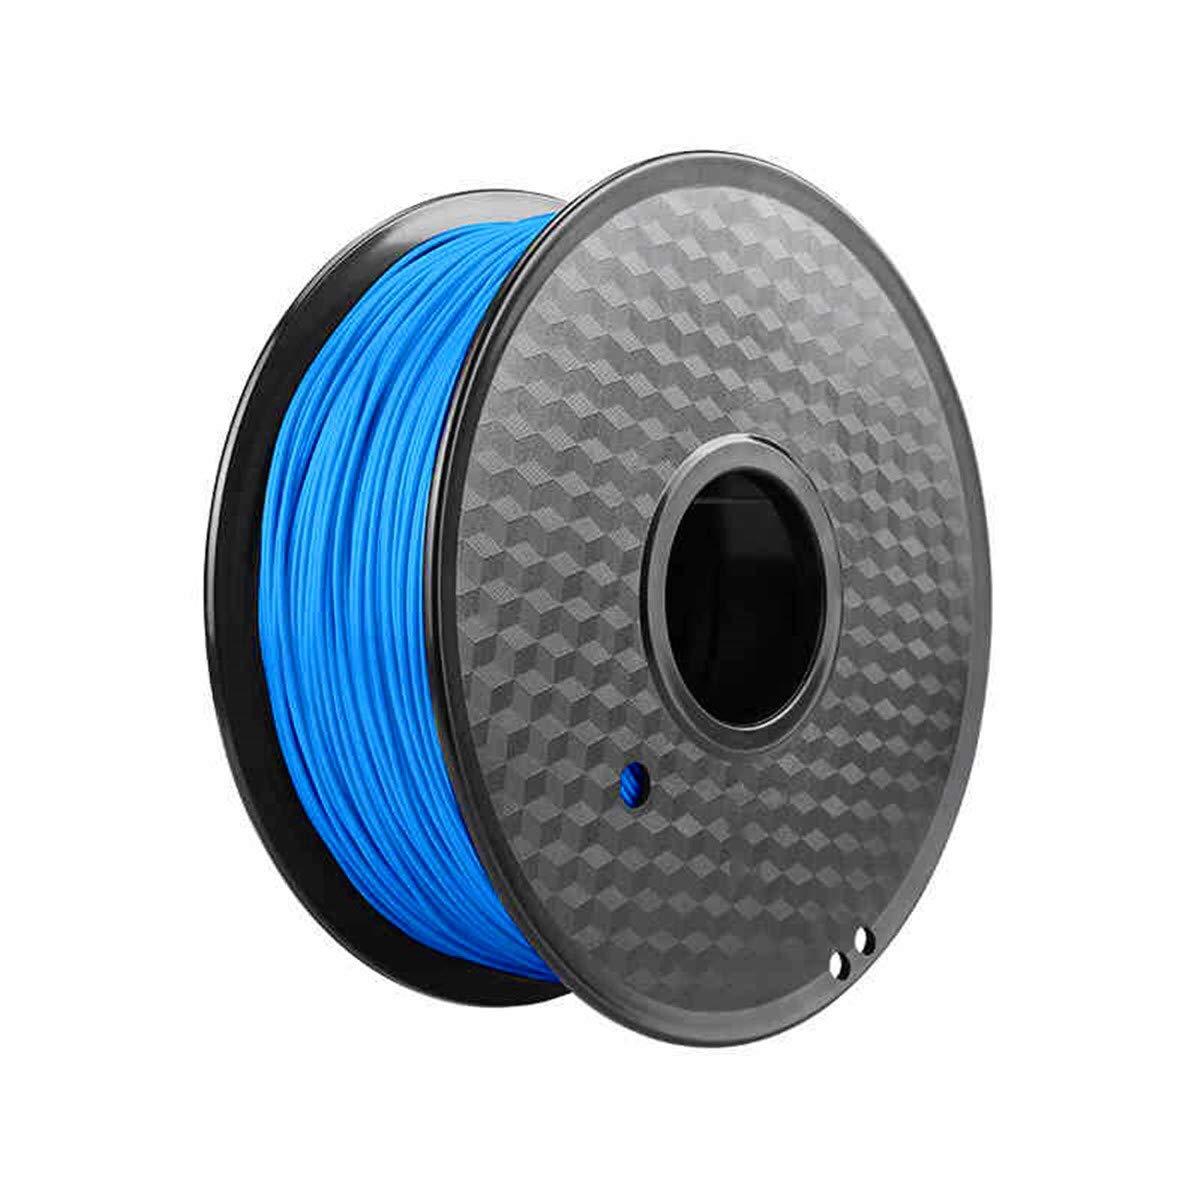 precisi/ón dimensional +//- 0,02 mm 1 Filamento de impresora 3D PLA Materiales de 1,75 mm 1 kg Bobina negro azul